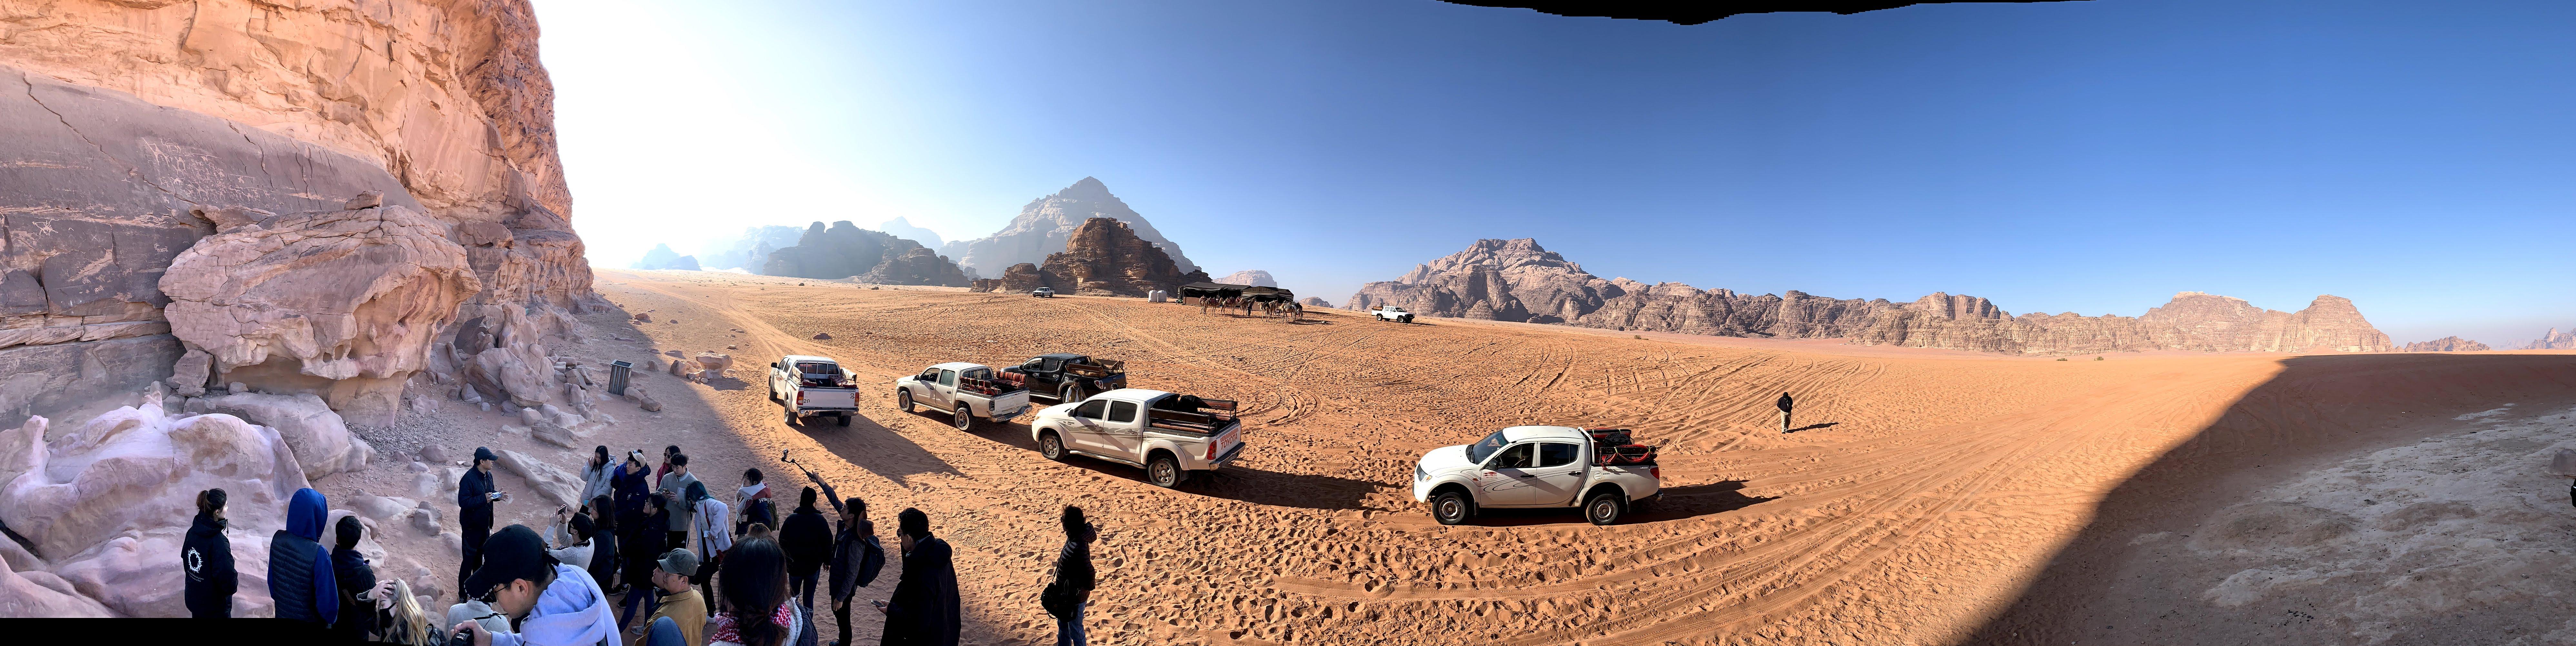 와디럼 사막1.jpg